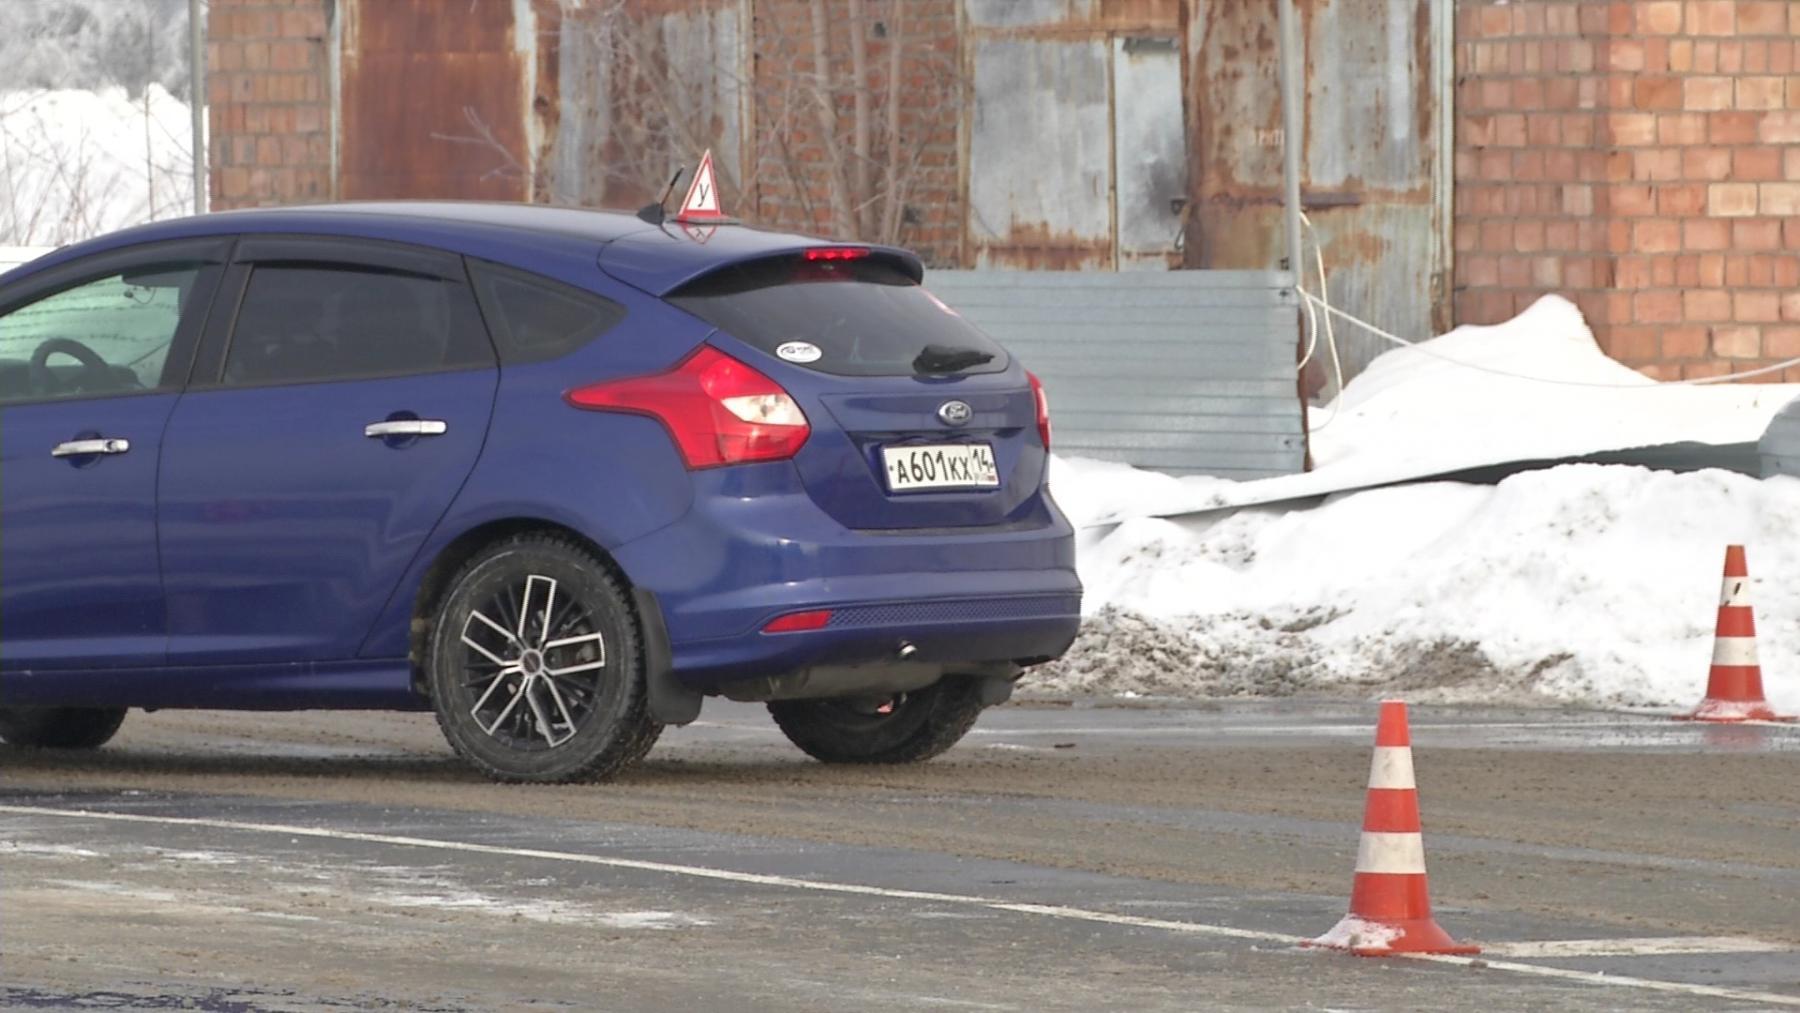 фото Новые правила экзамена в ГИБДД с 1 апреля 2021 года: к чему готовиться учащимся автошкол Новосибирска 3